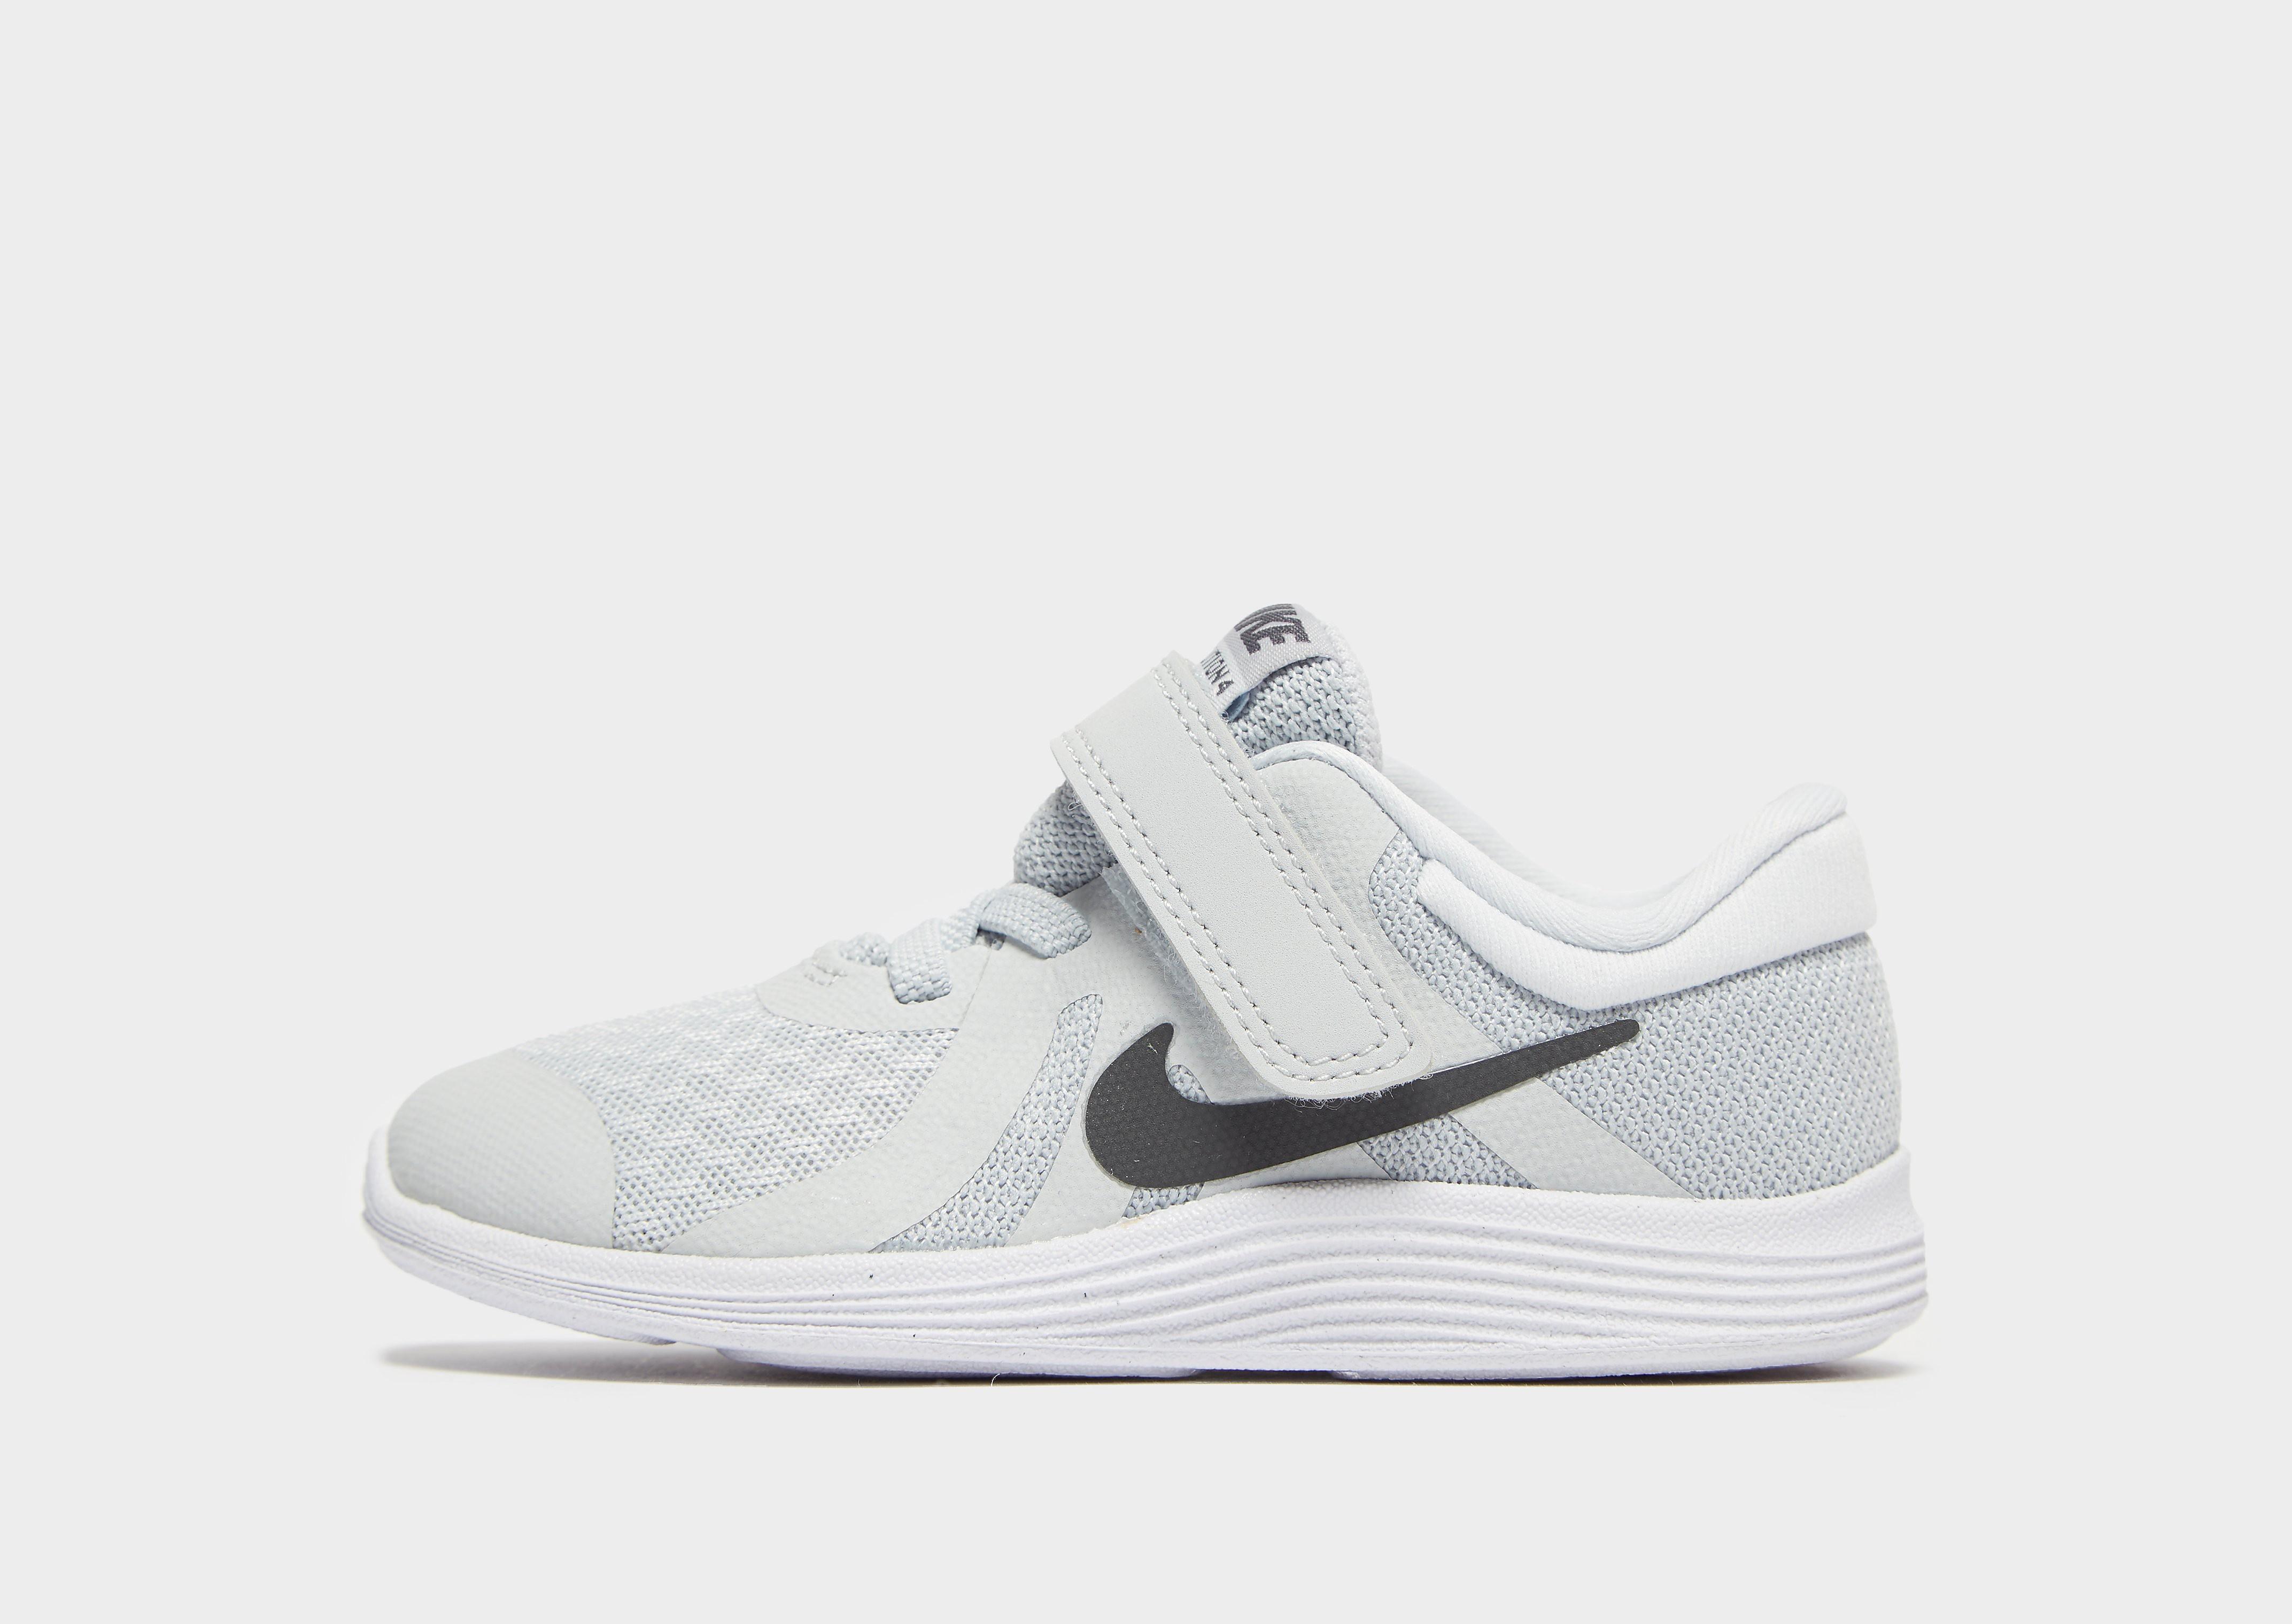 Nike kindersneaker zilver, zwart en grijs